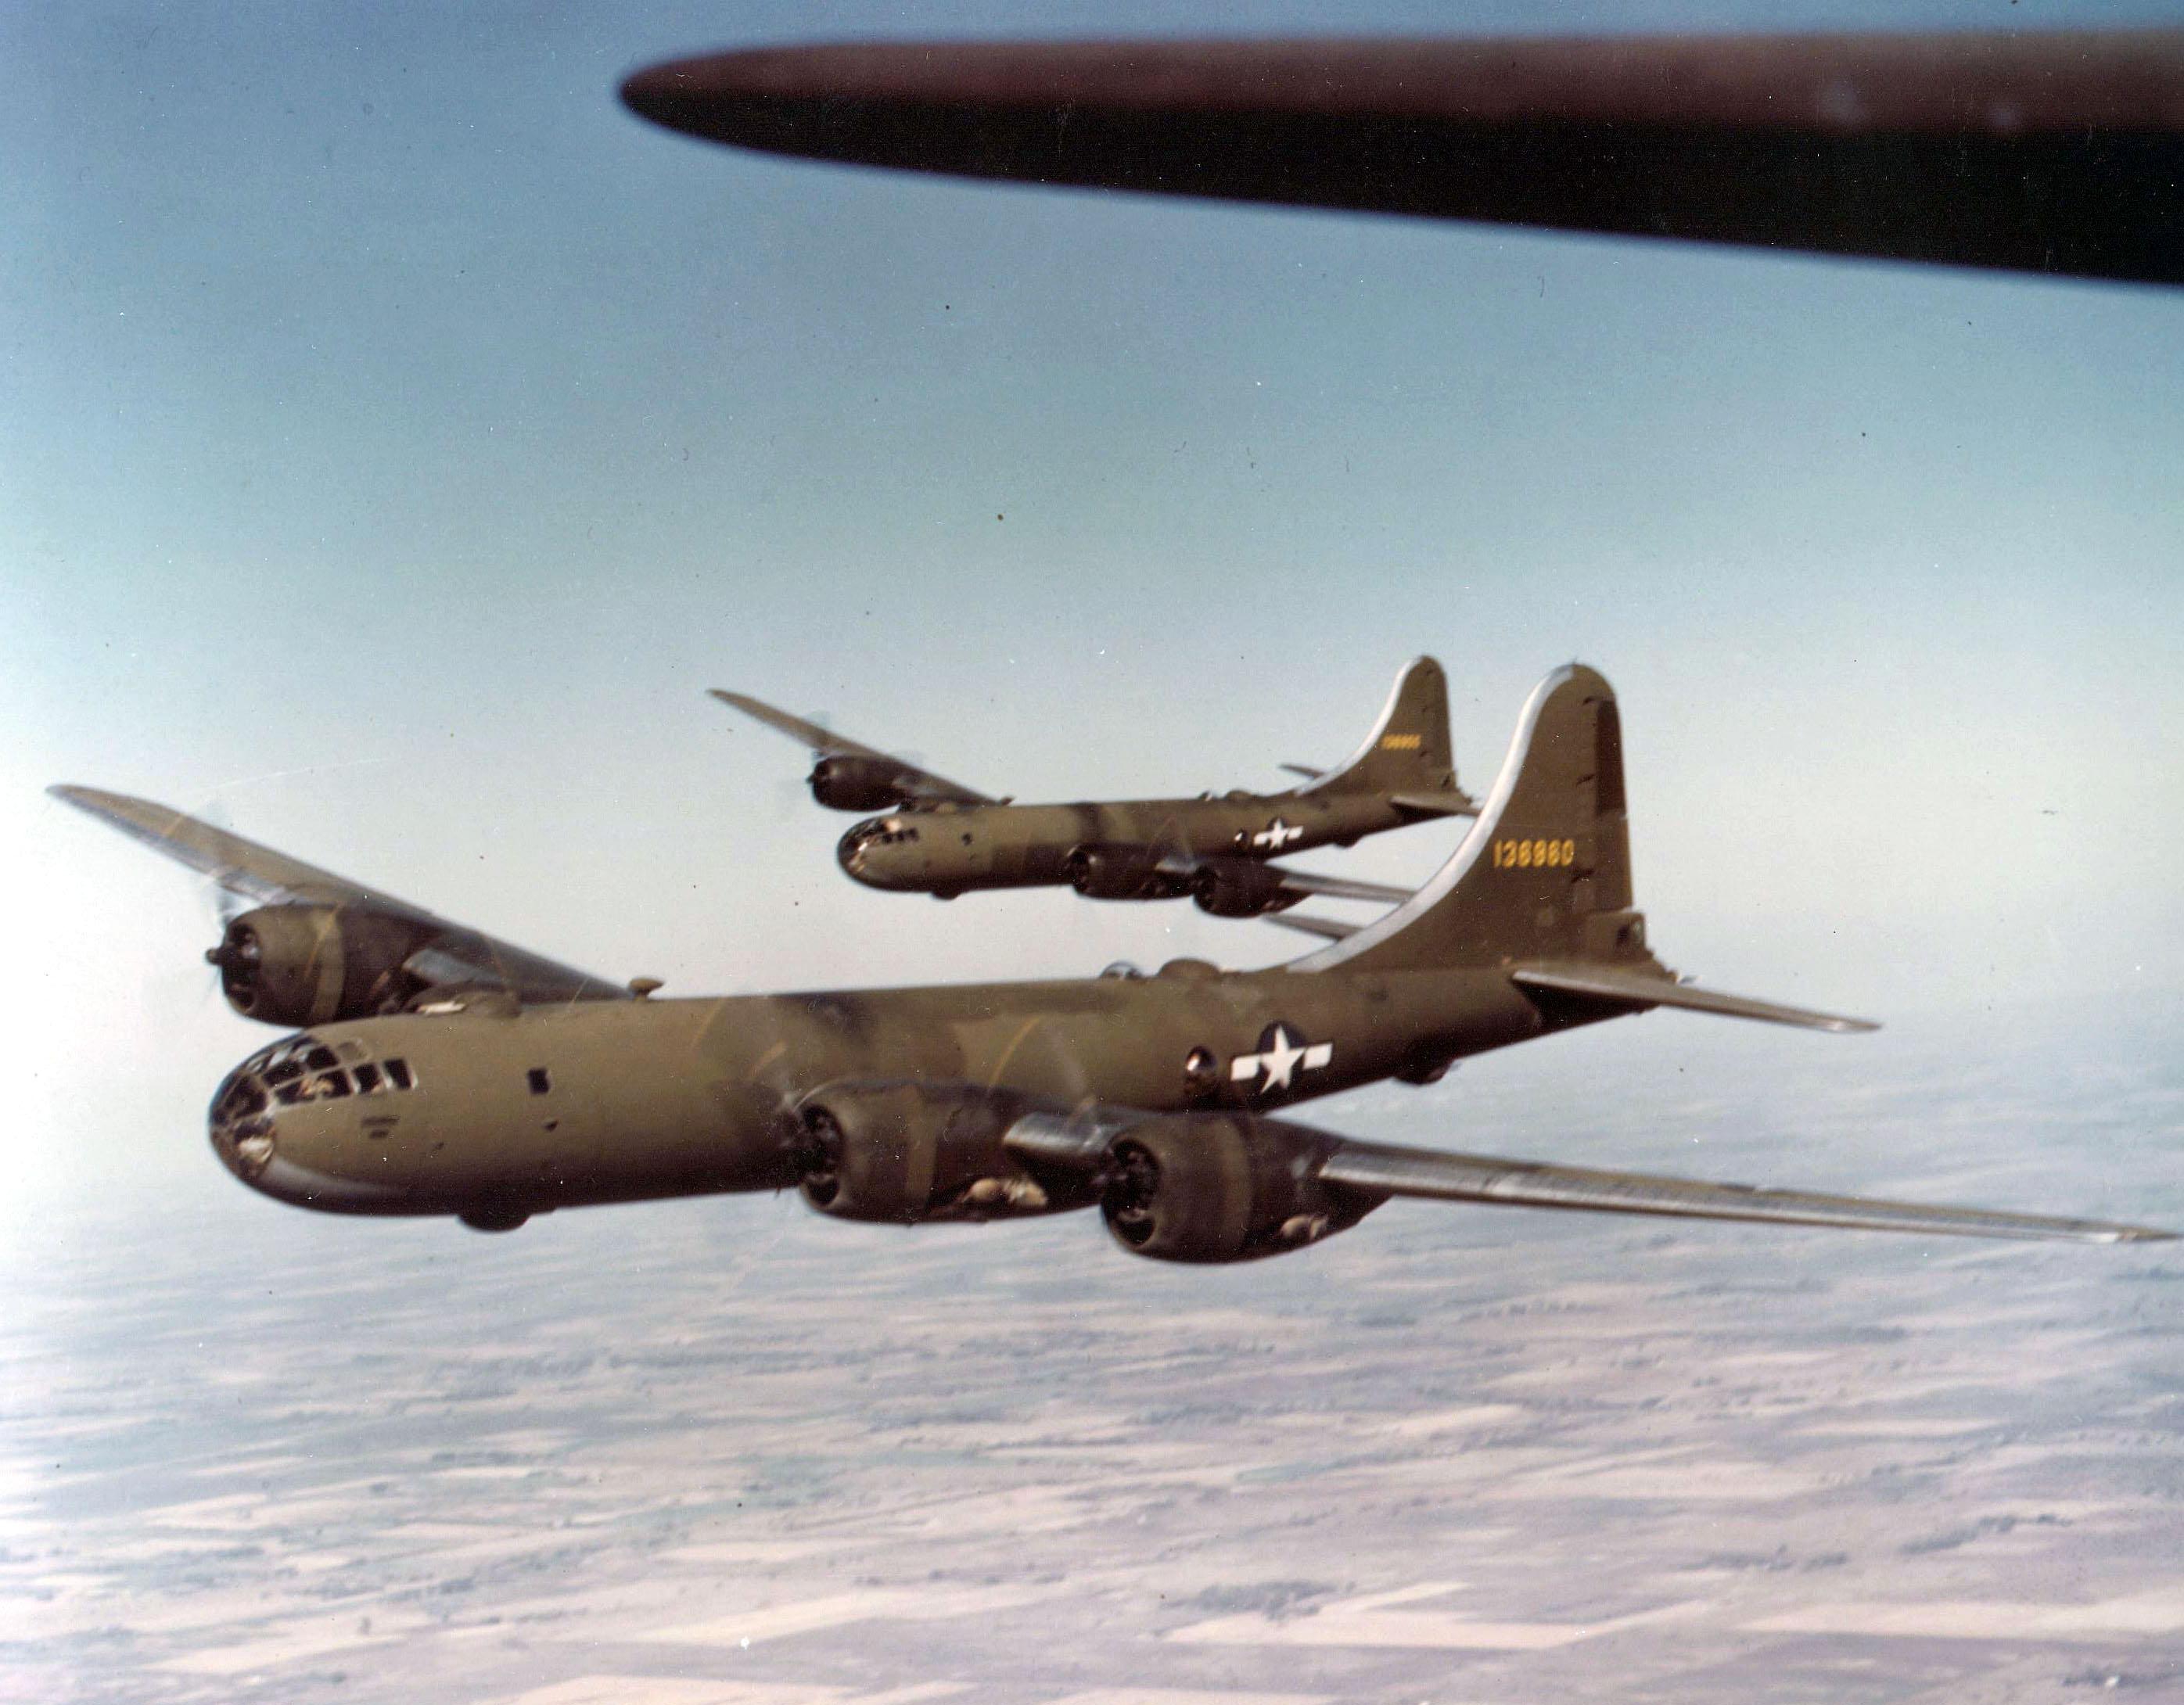 Бомбардировщик B-29 стал первым в мире носителем ядерного оружия